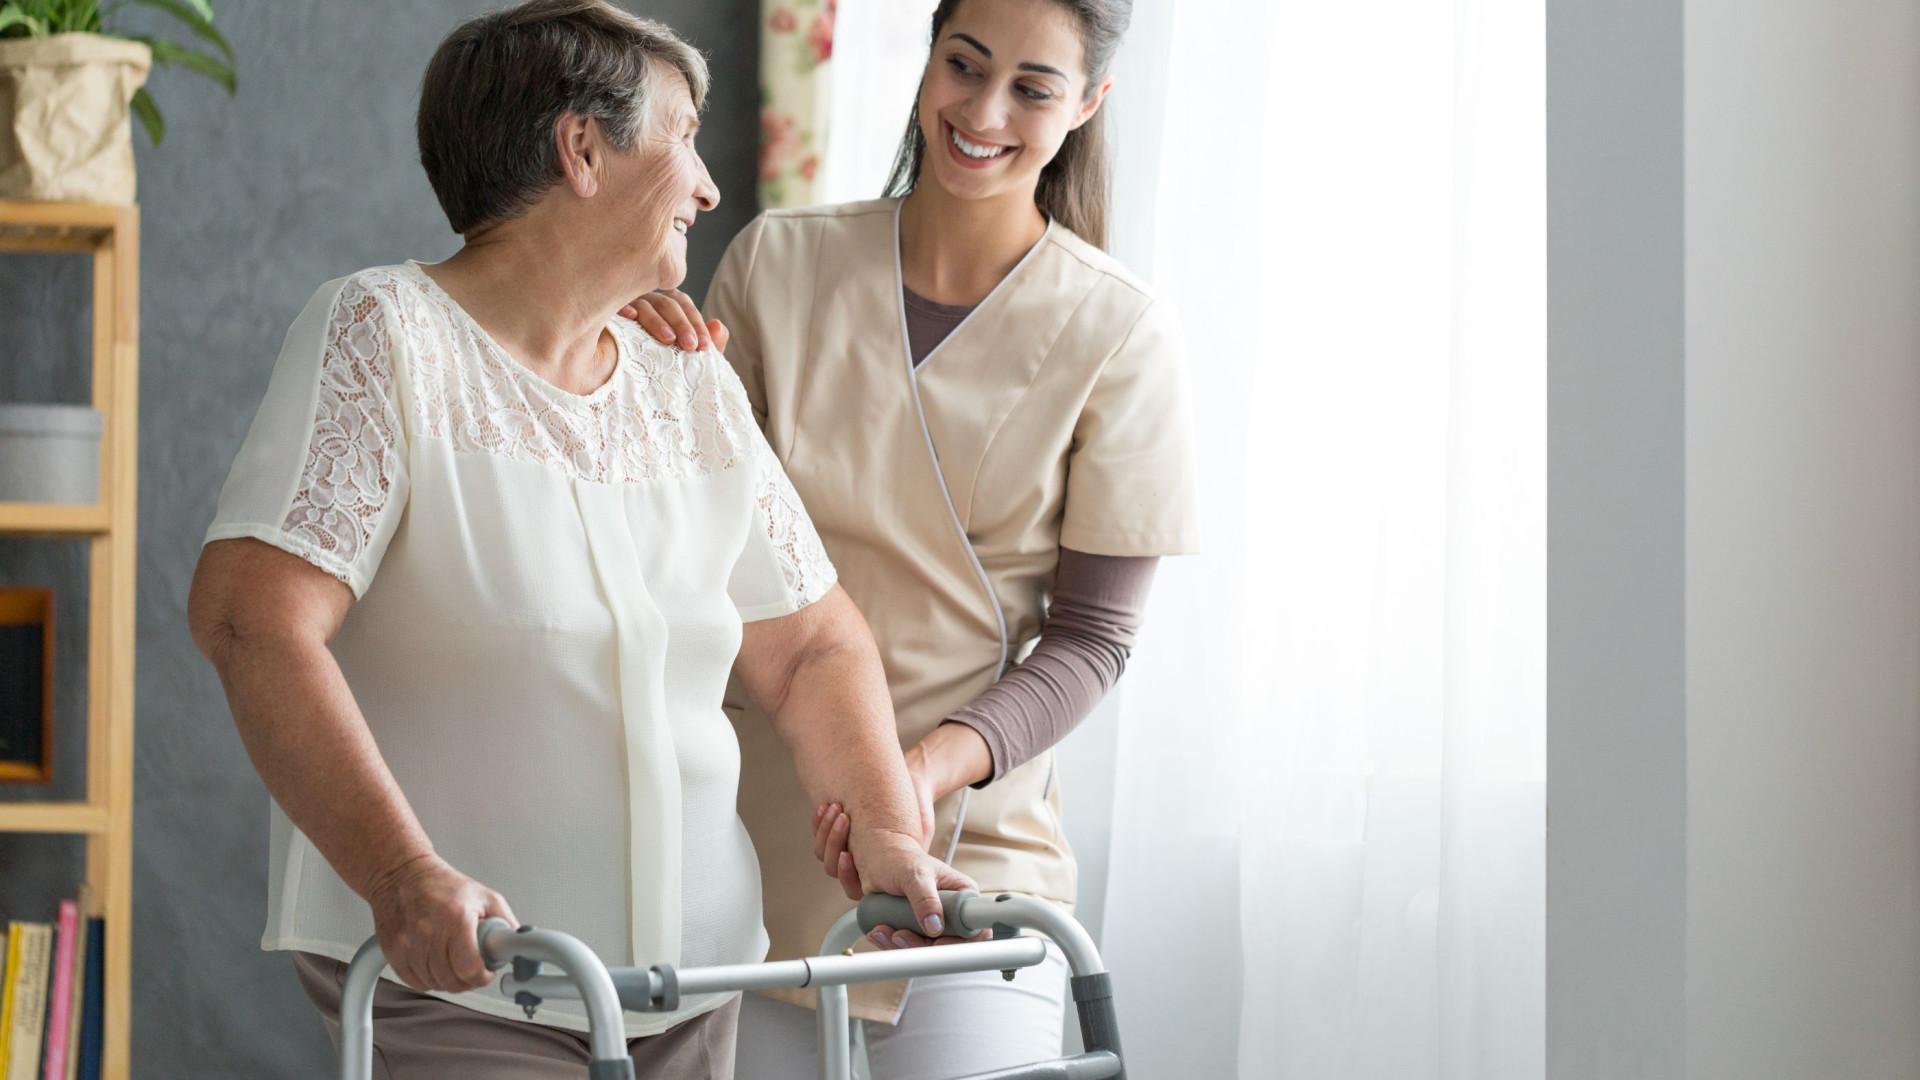 Têm paralisia, mas conseguem andar graças a nova proposta terapêutica